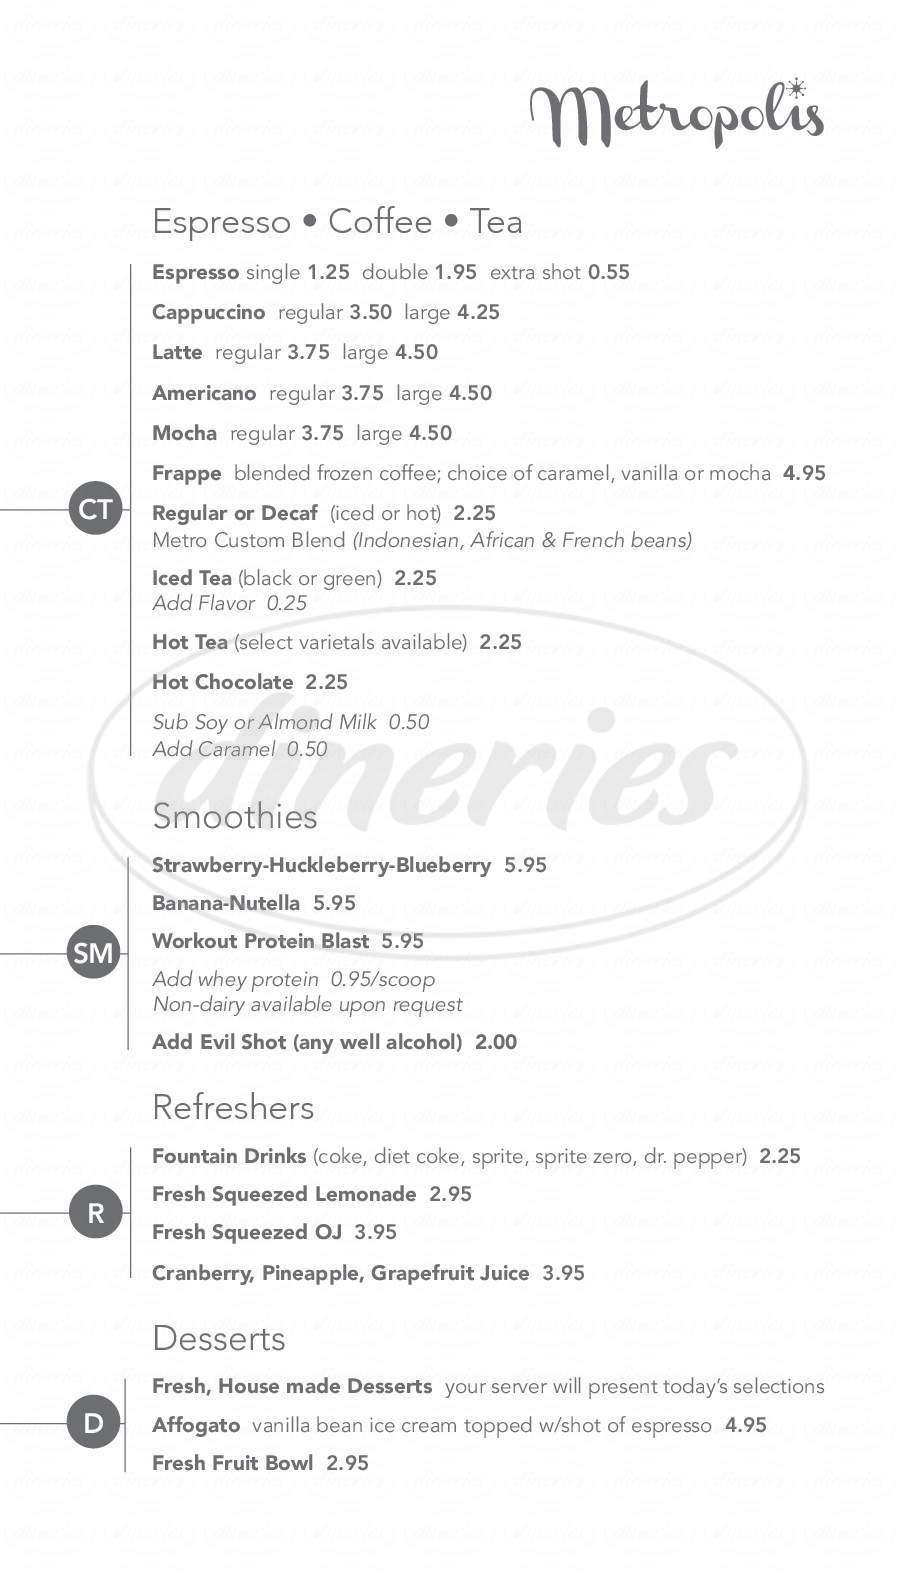 menu for Metropolis